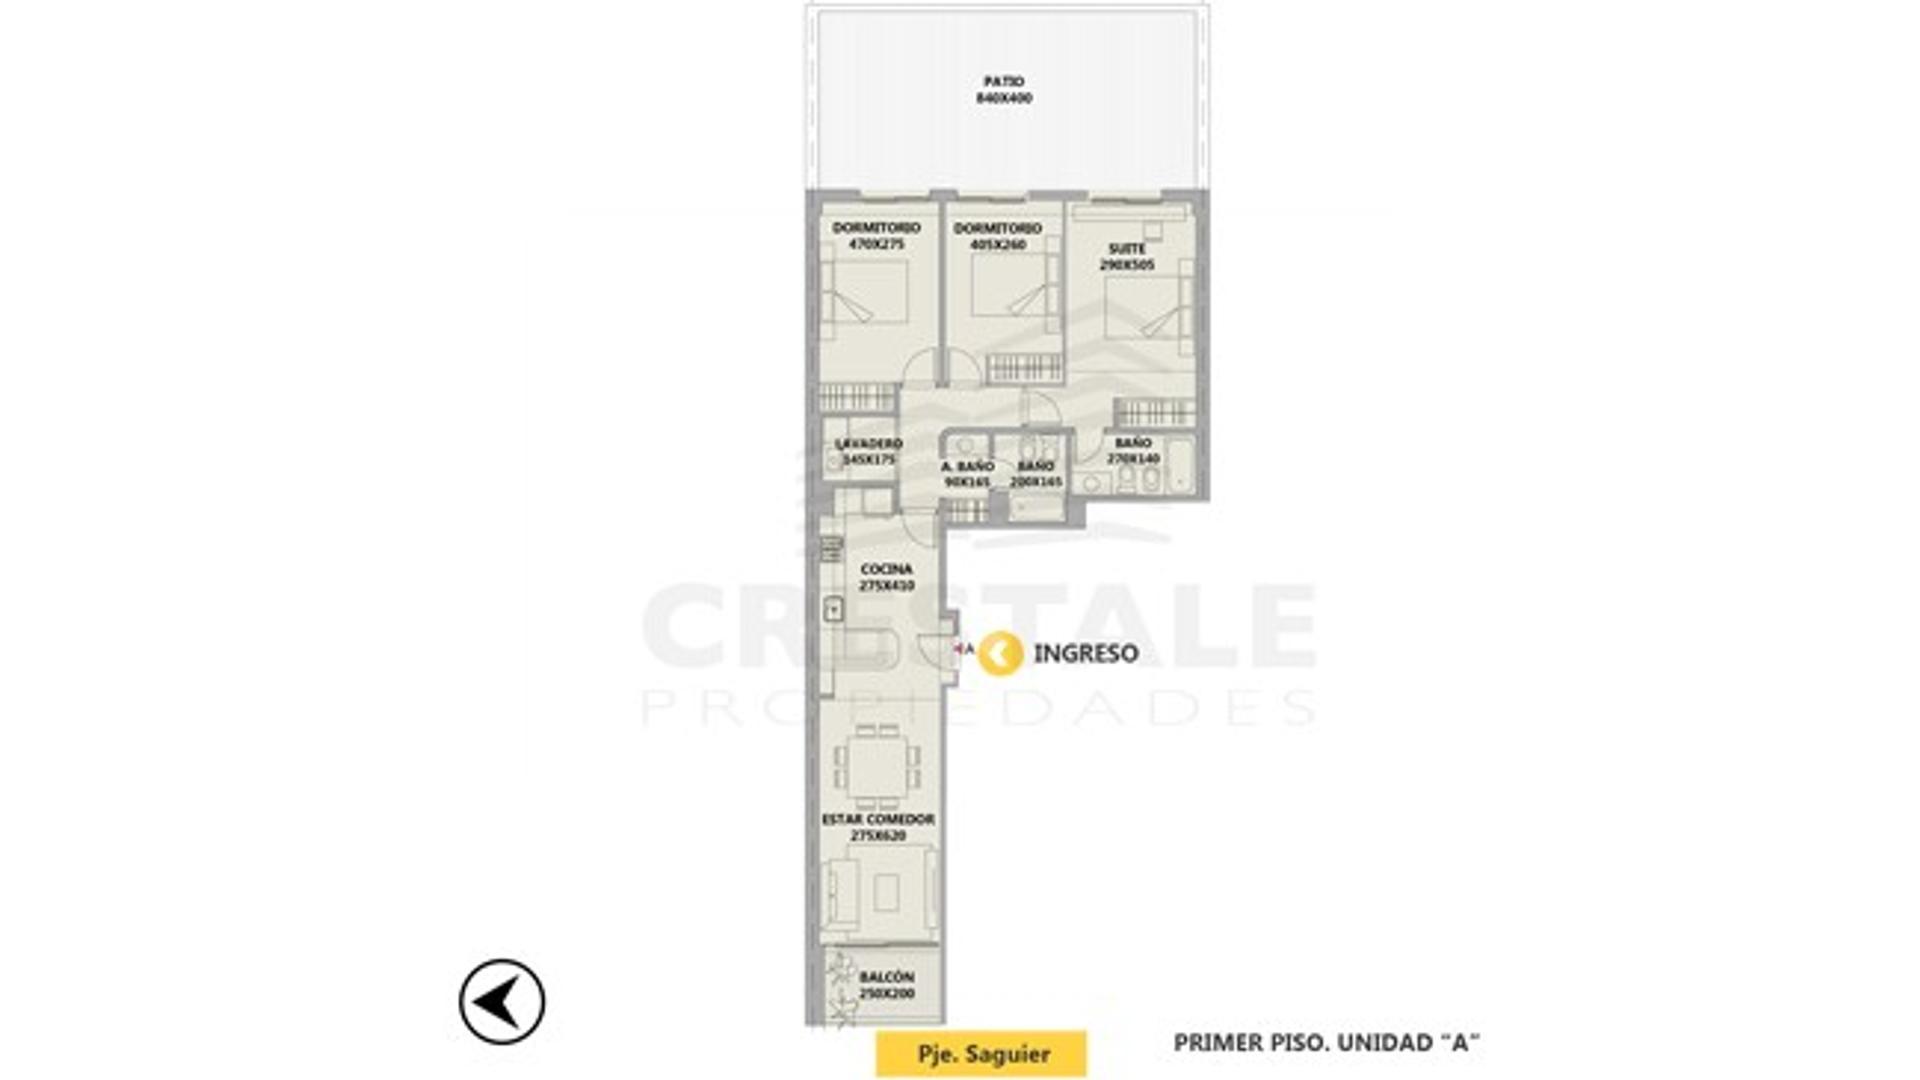 Pasaje Saguier y Catamarca - Departamento 3 dormitorios a la venta